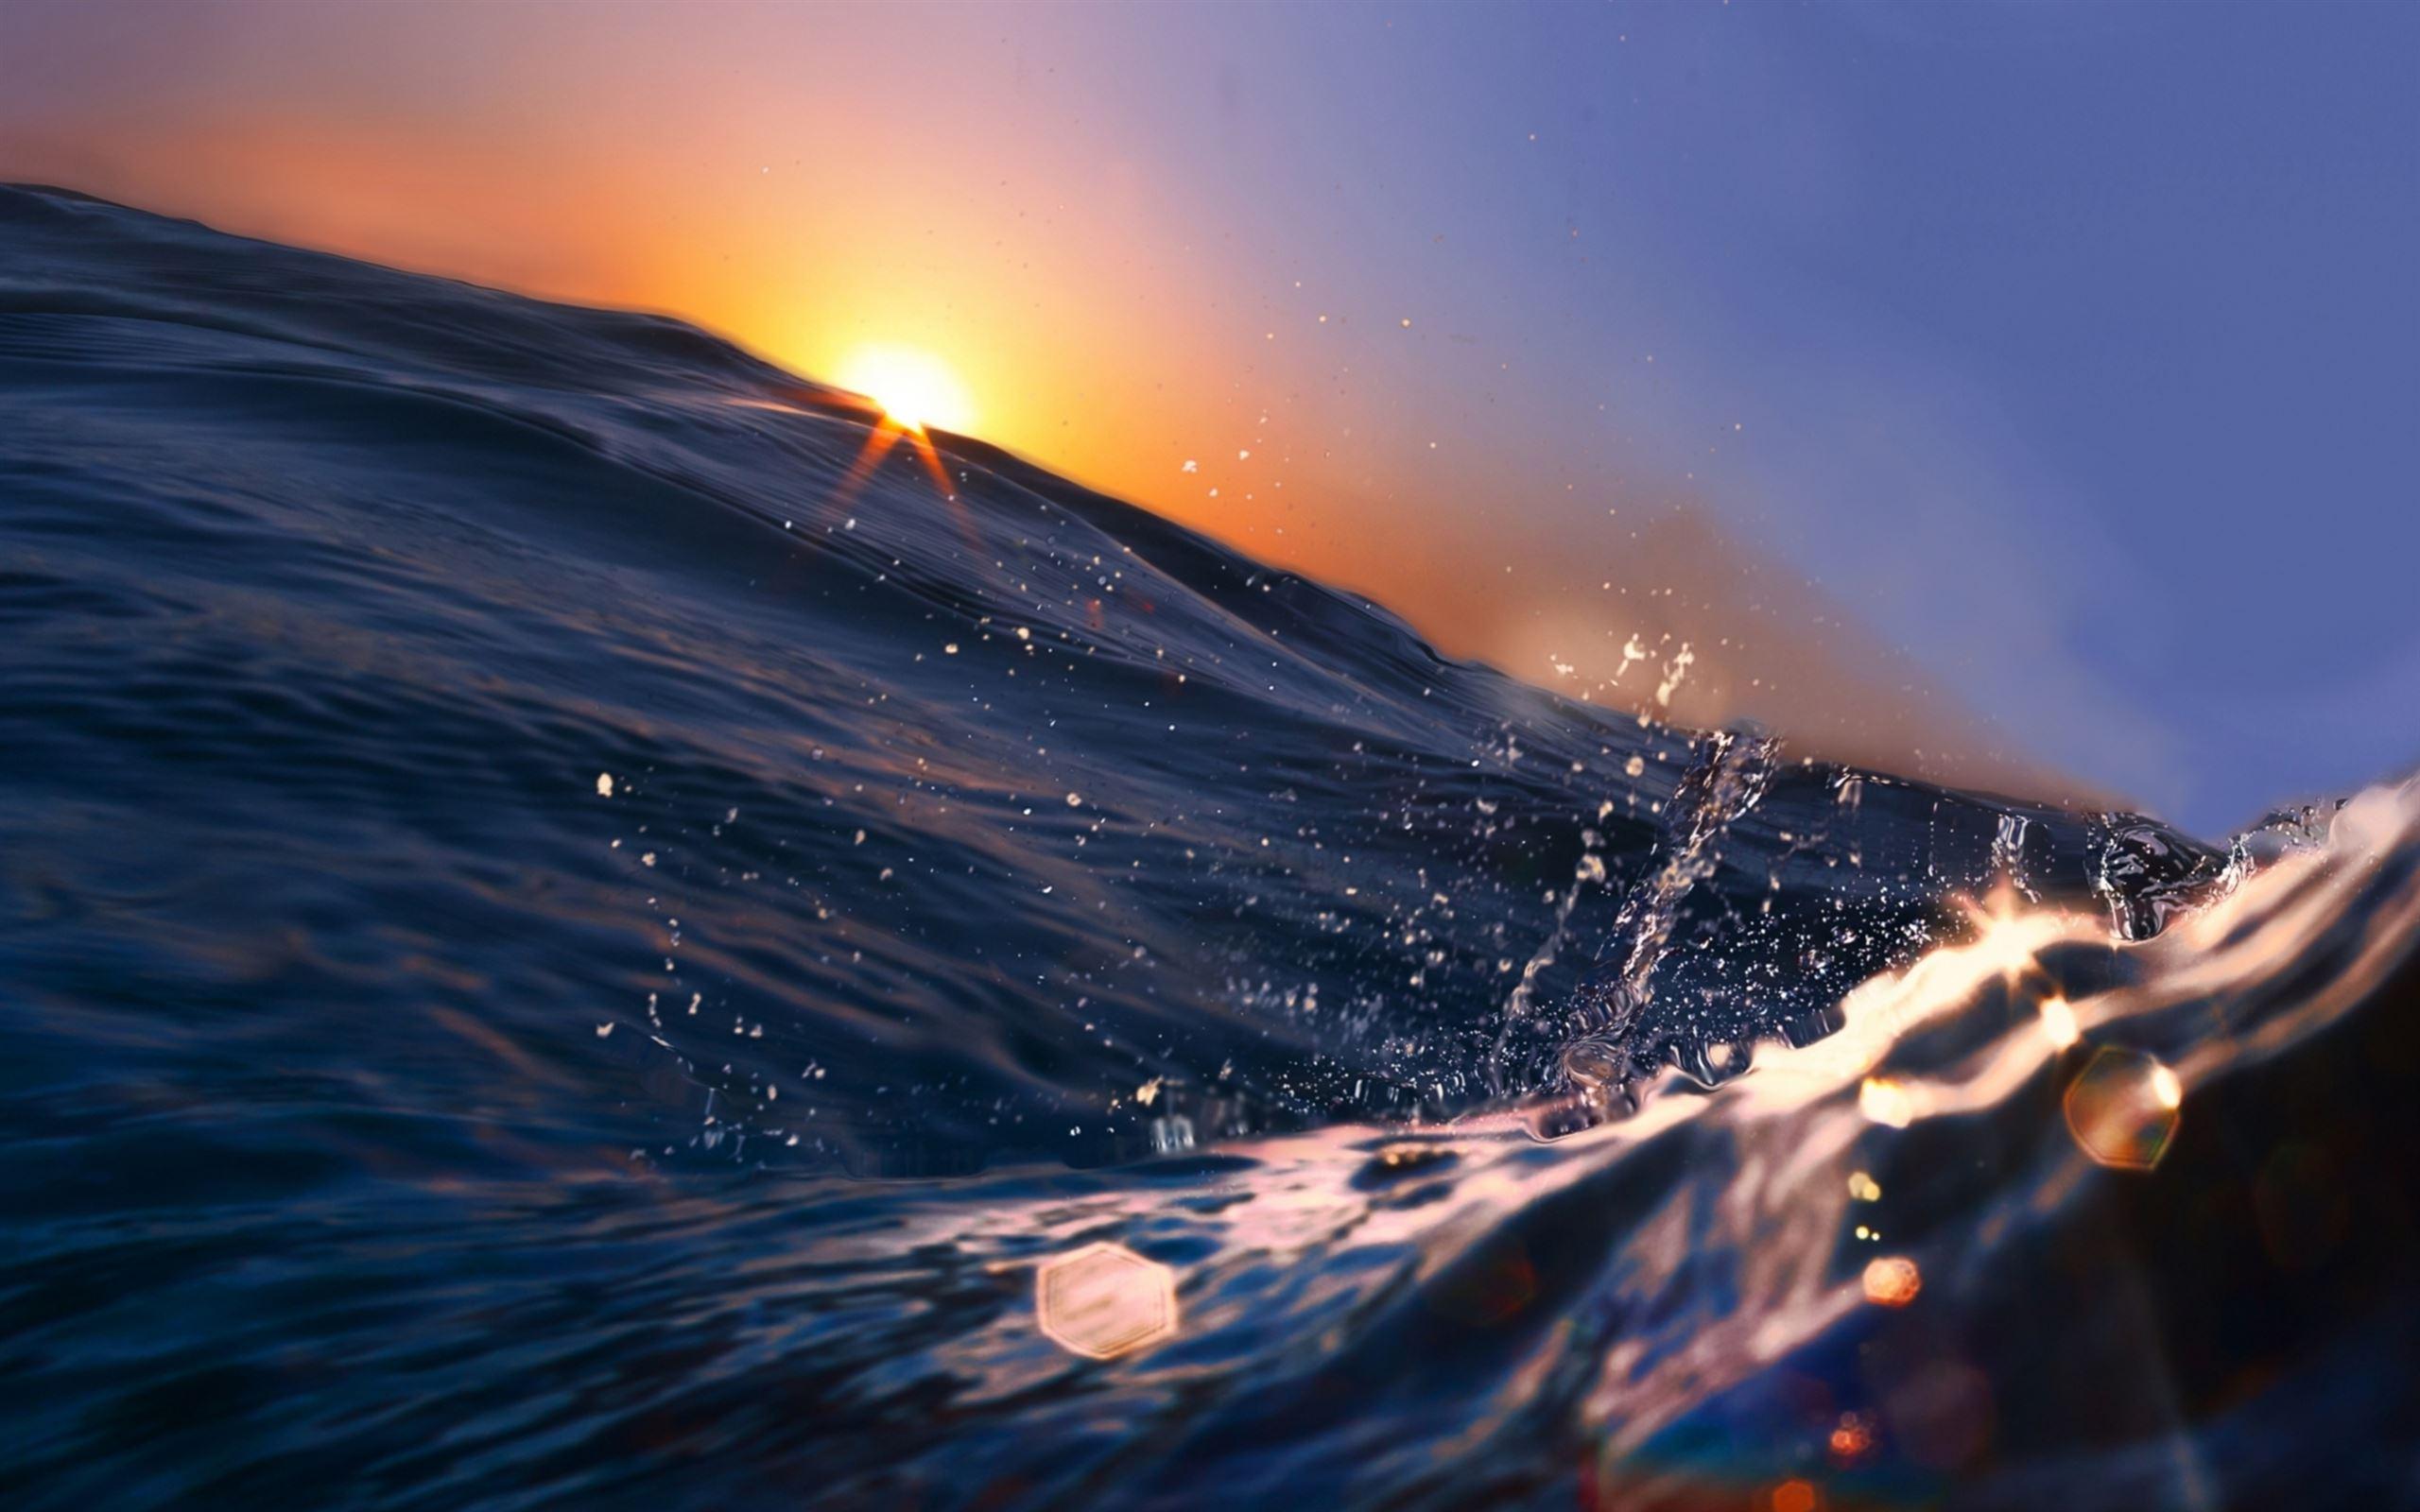 ocean mac wallpaper download | free mac wallpapers download